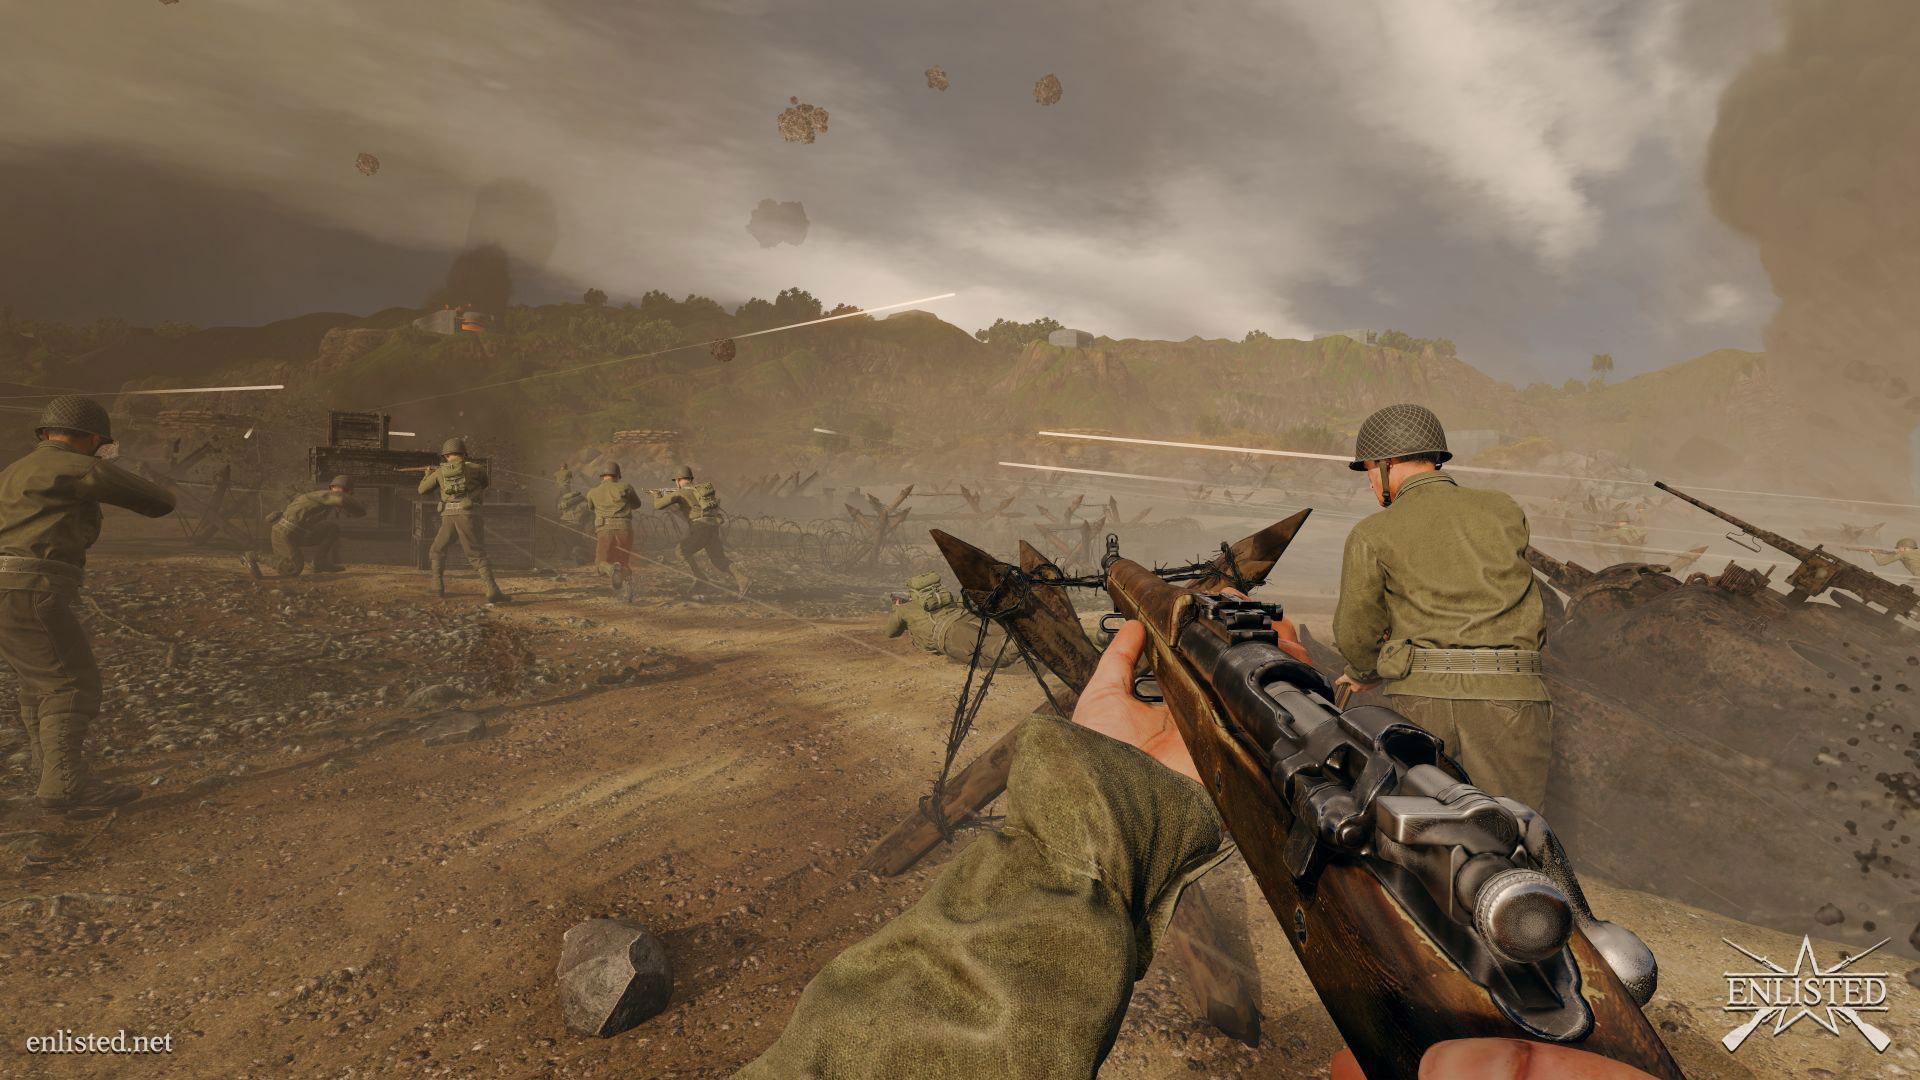 shot_enlisted5.jpg